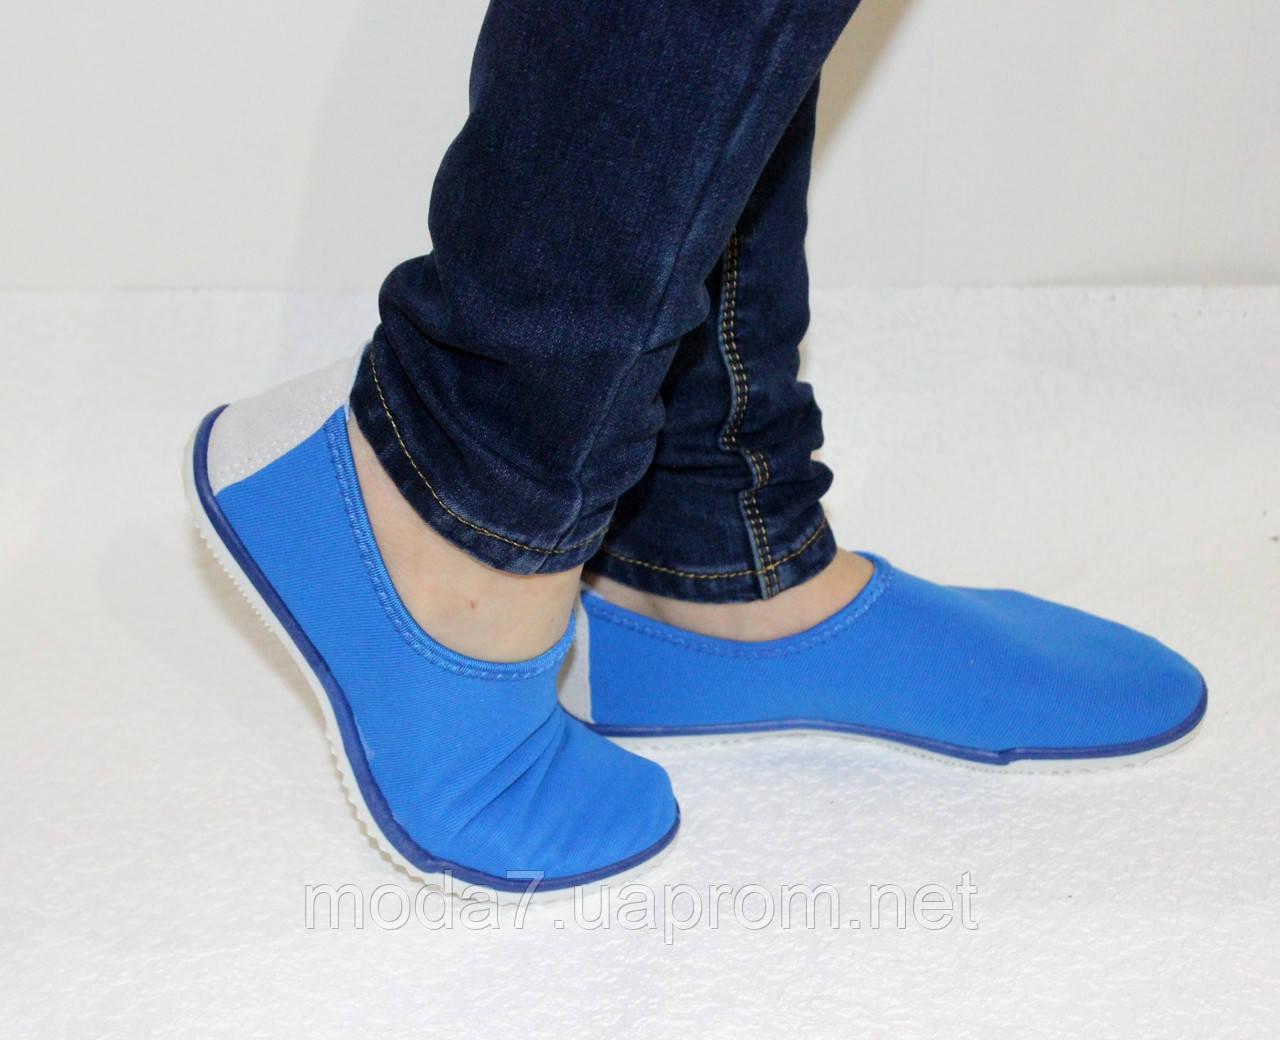 Женские - подростковые мокасины - чешки, летние голубые